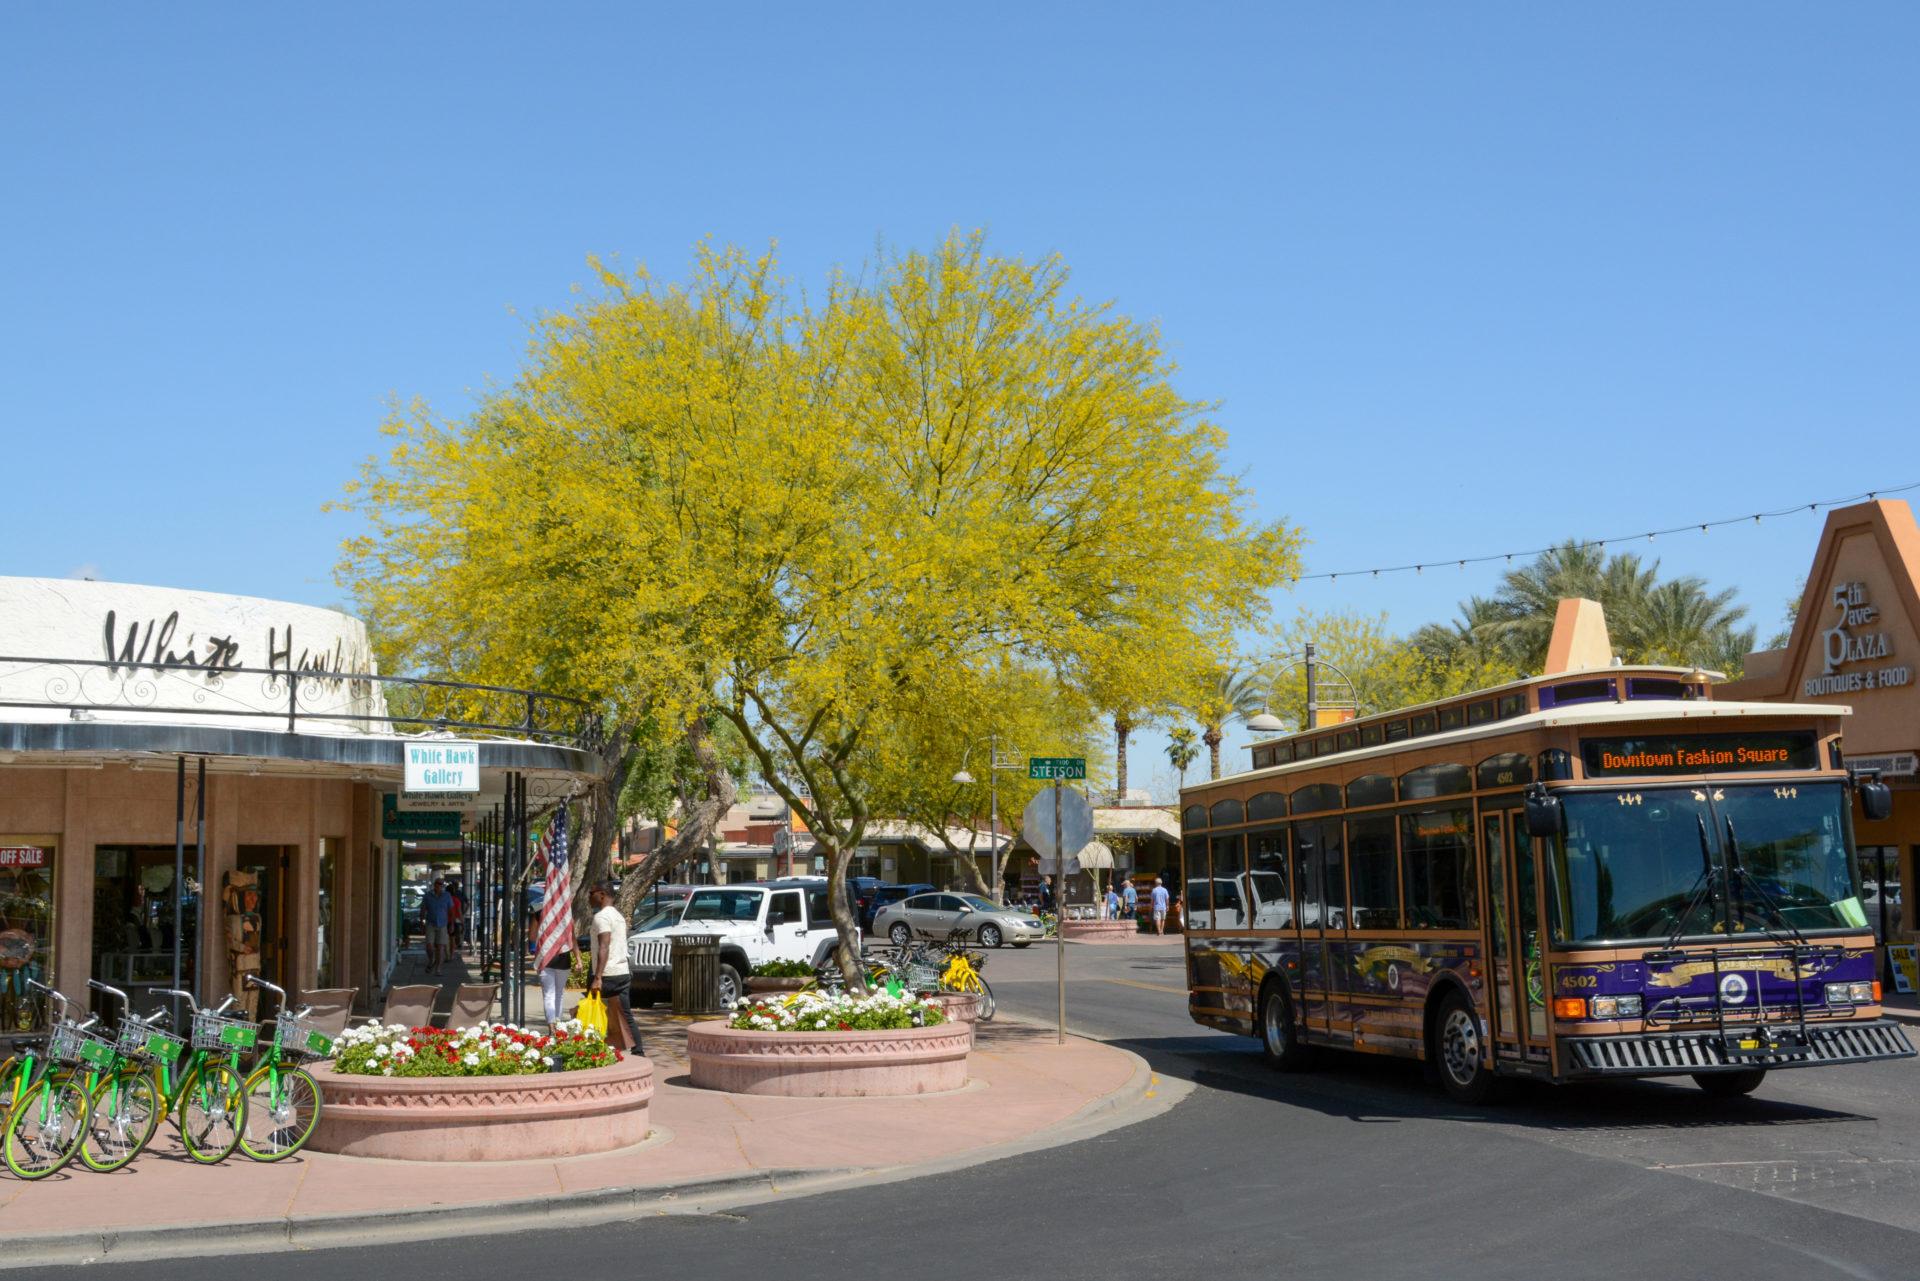 Zuerst mit dem Trolleybus in Downtown, danach mit dem City Bike durch die glamouröse Wüstenstadt Scottsdale